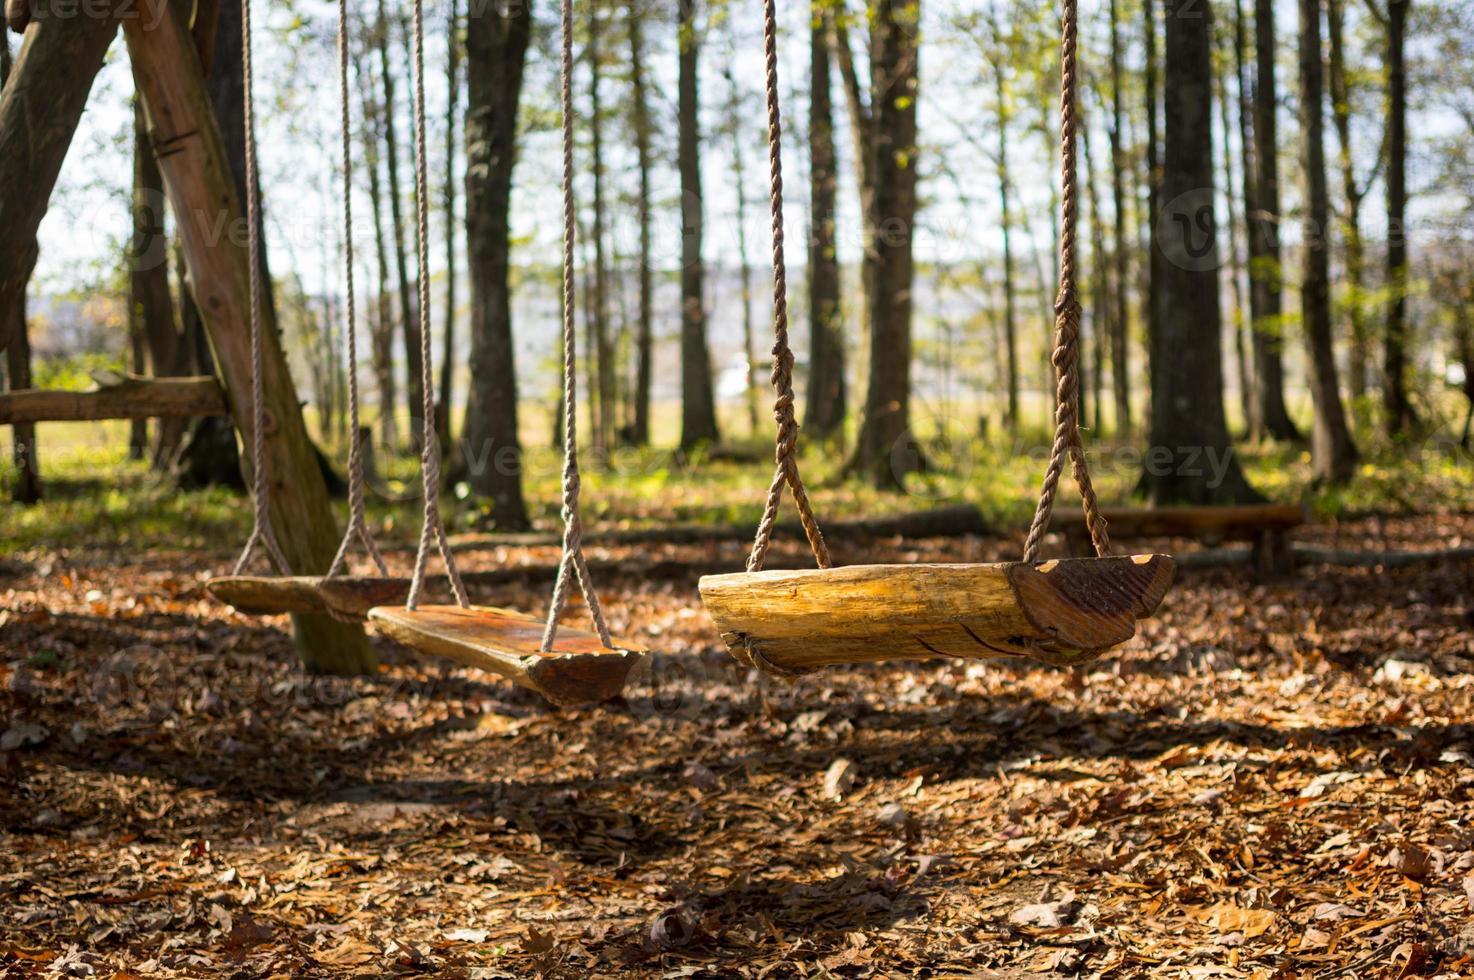 balançoire dans les bois photo